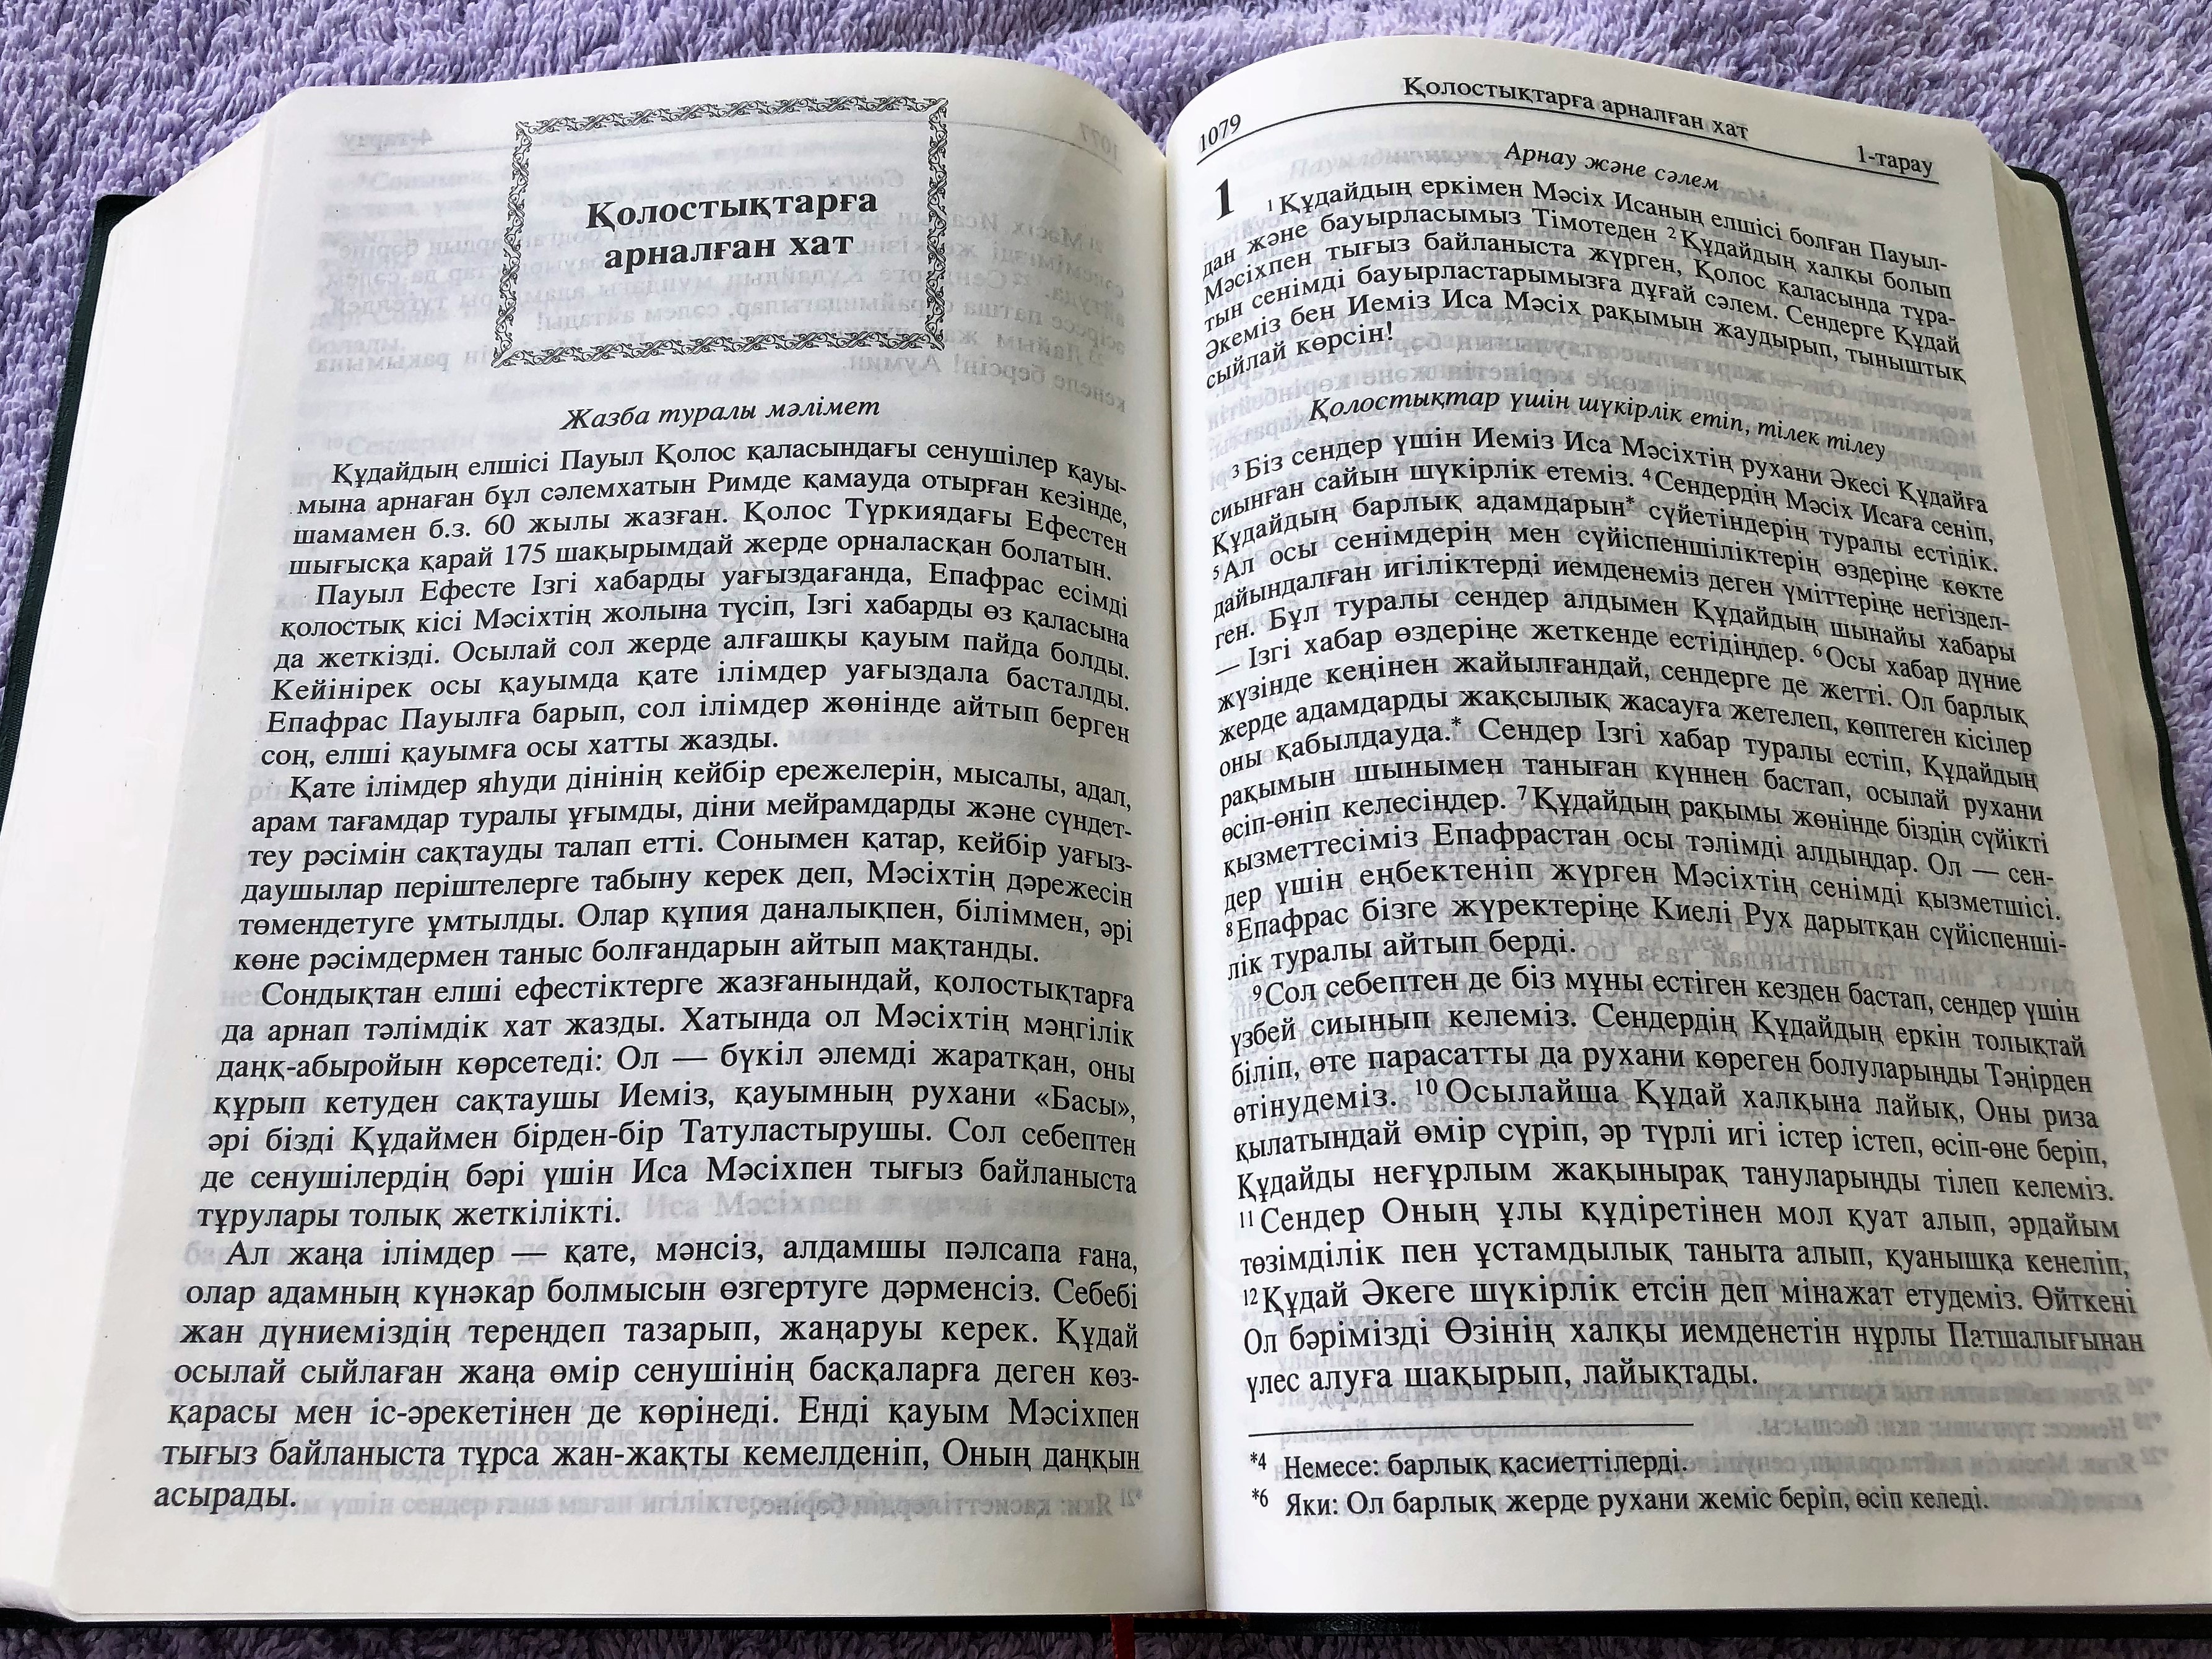 kazakh-bible-qazaq-natively-qazaq-tili-12-.jpg